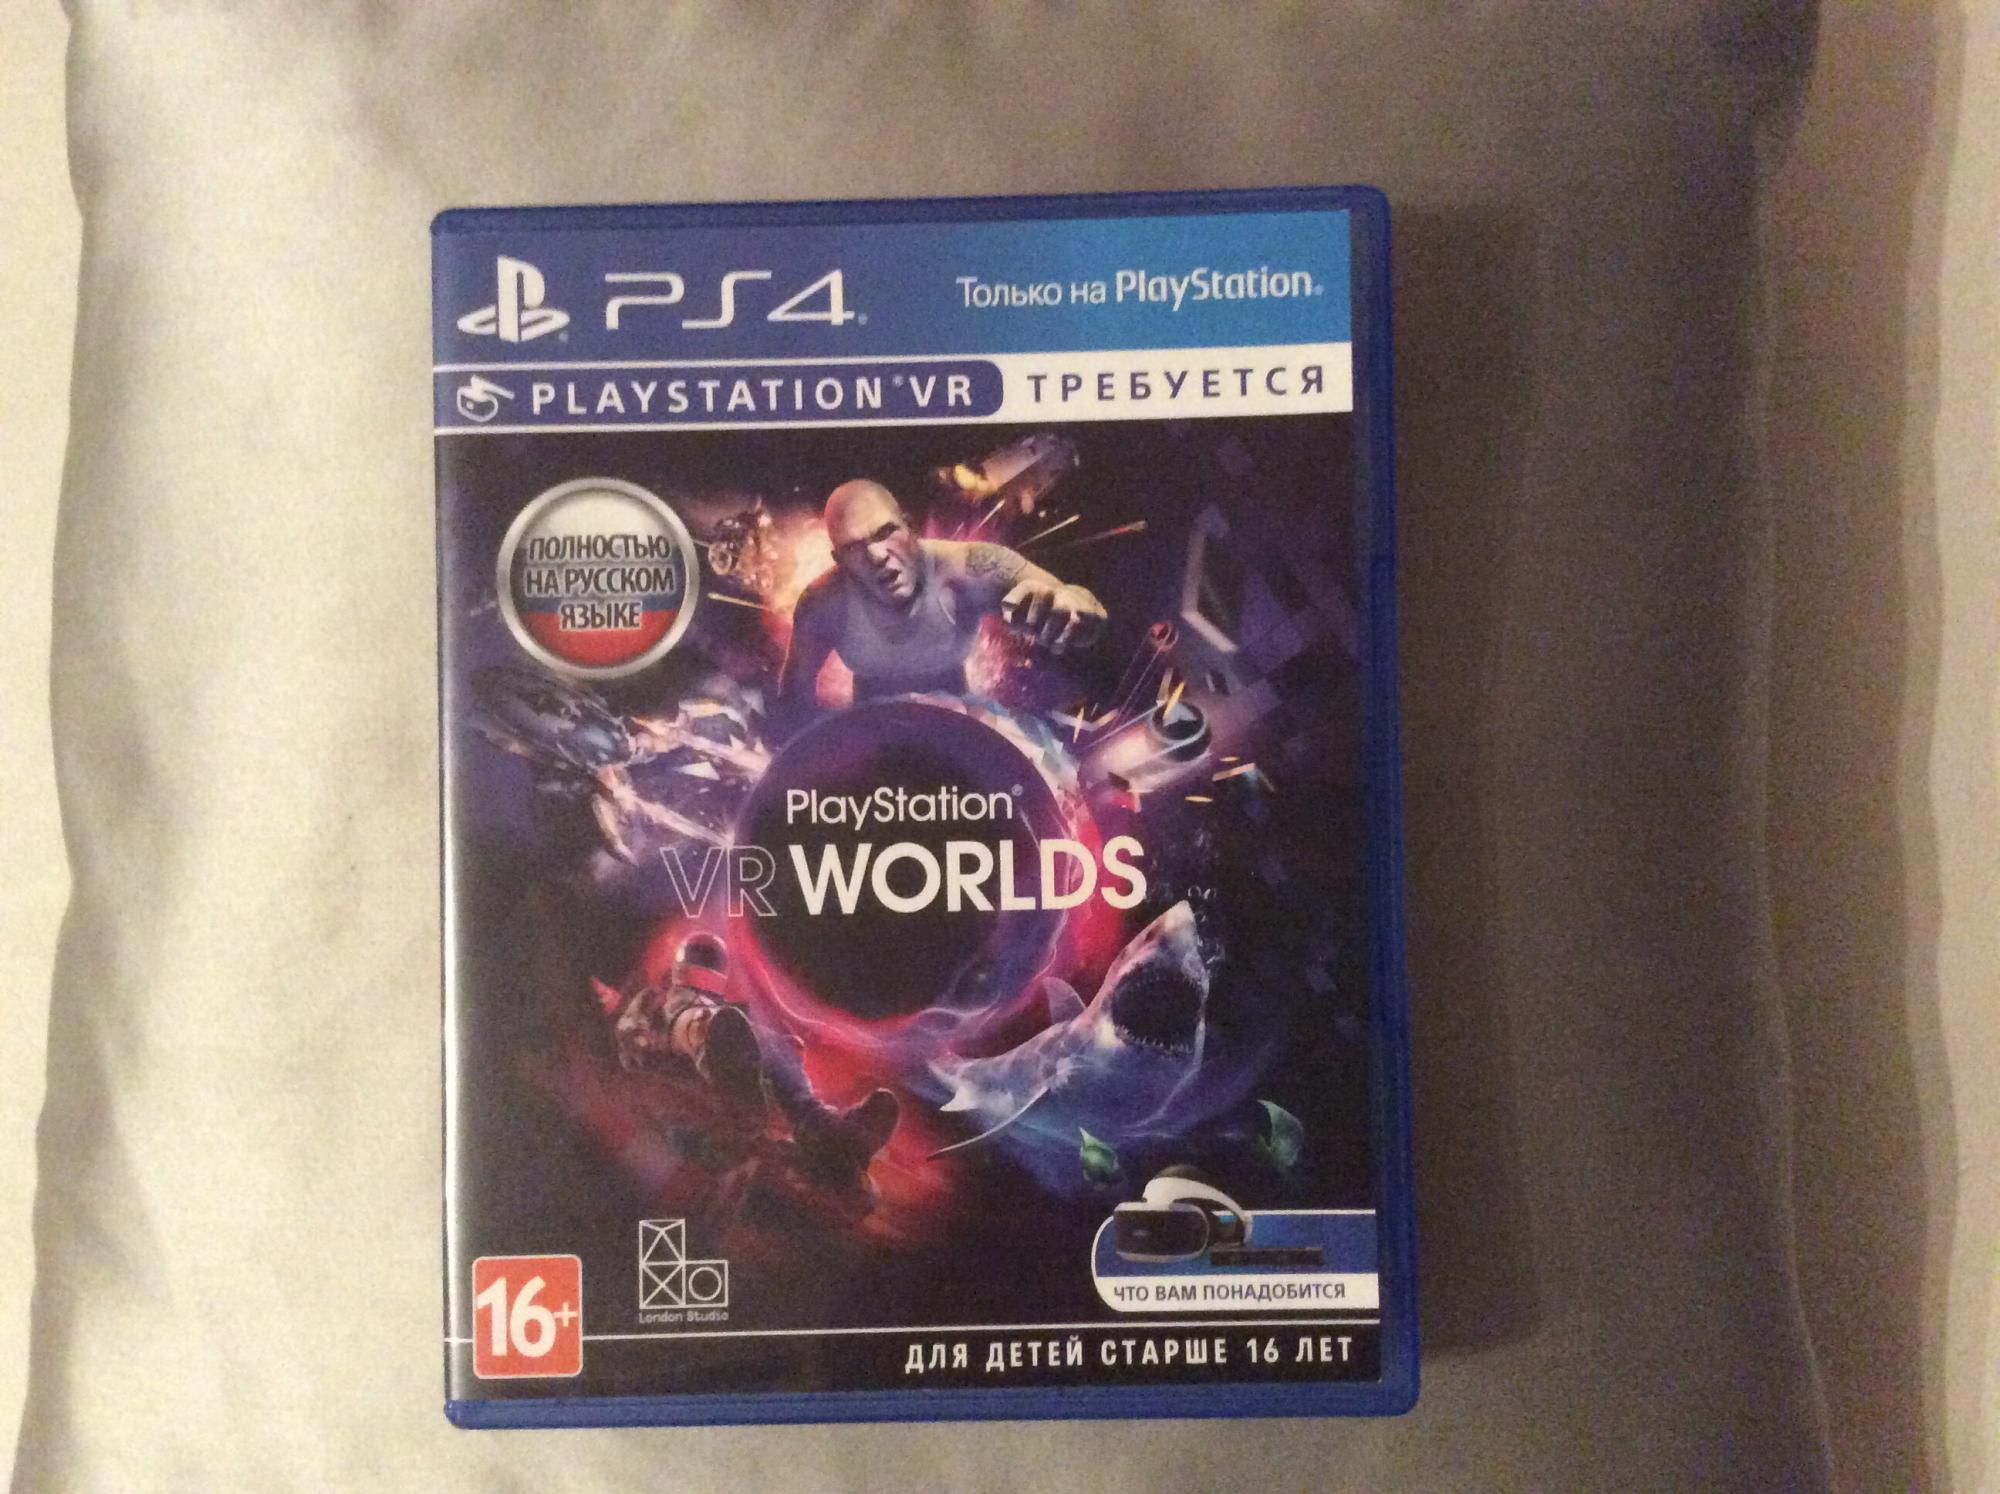 Игра Playstation VR worlds ps4 в Ивантеевке 89261146939 купить 1